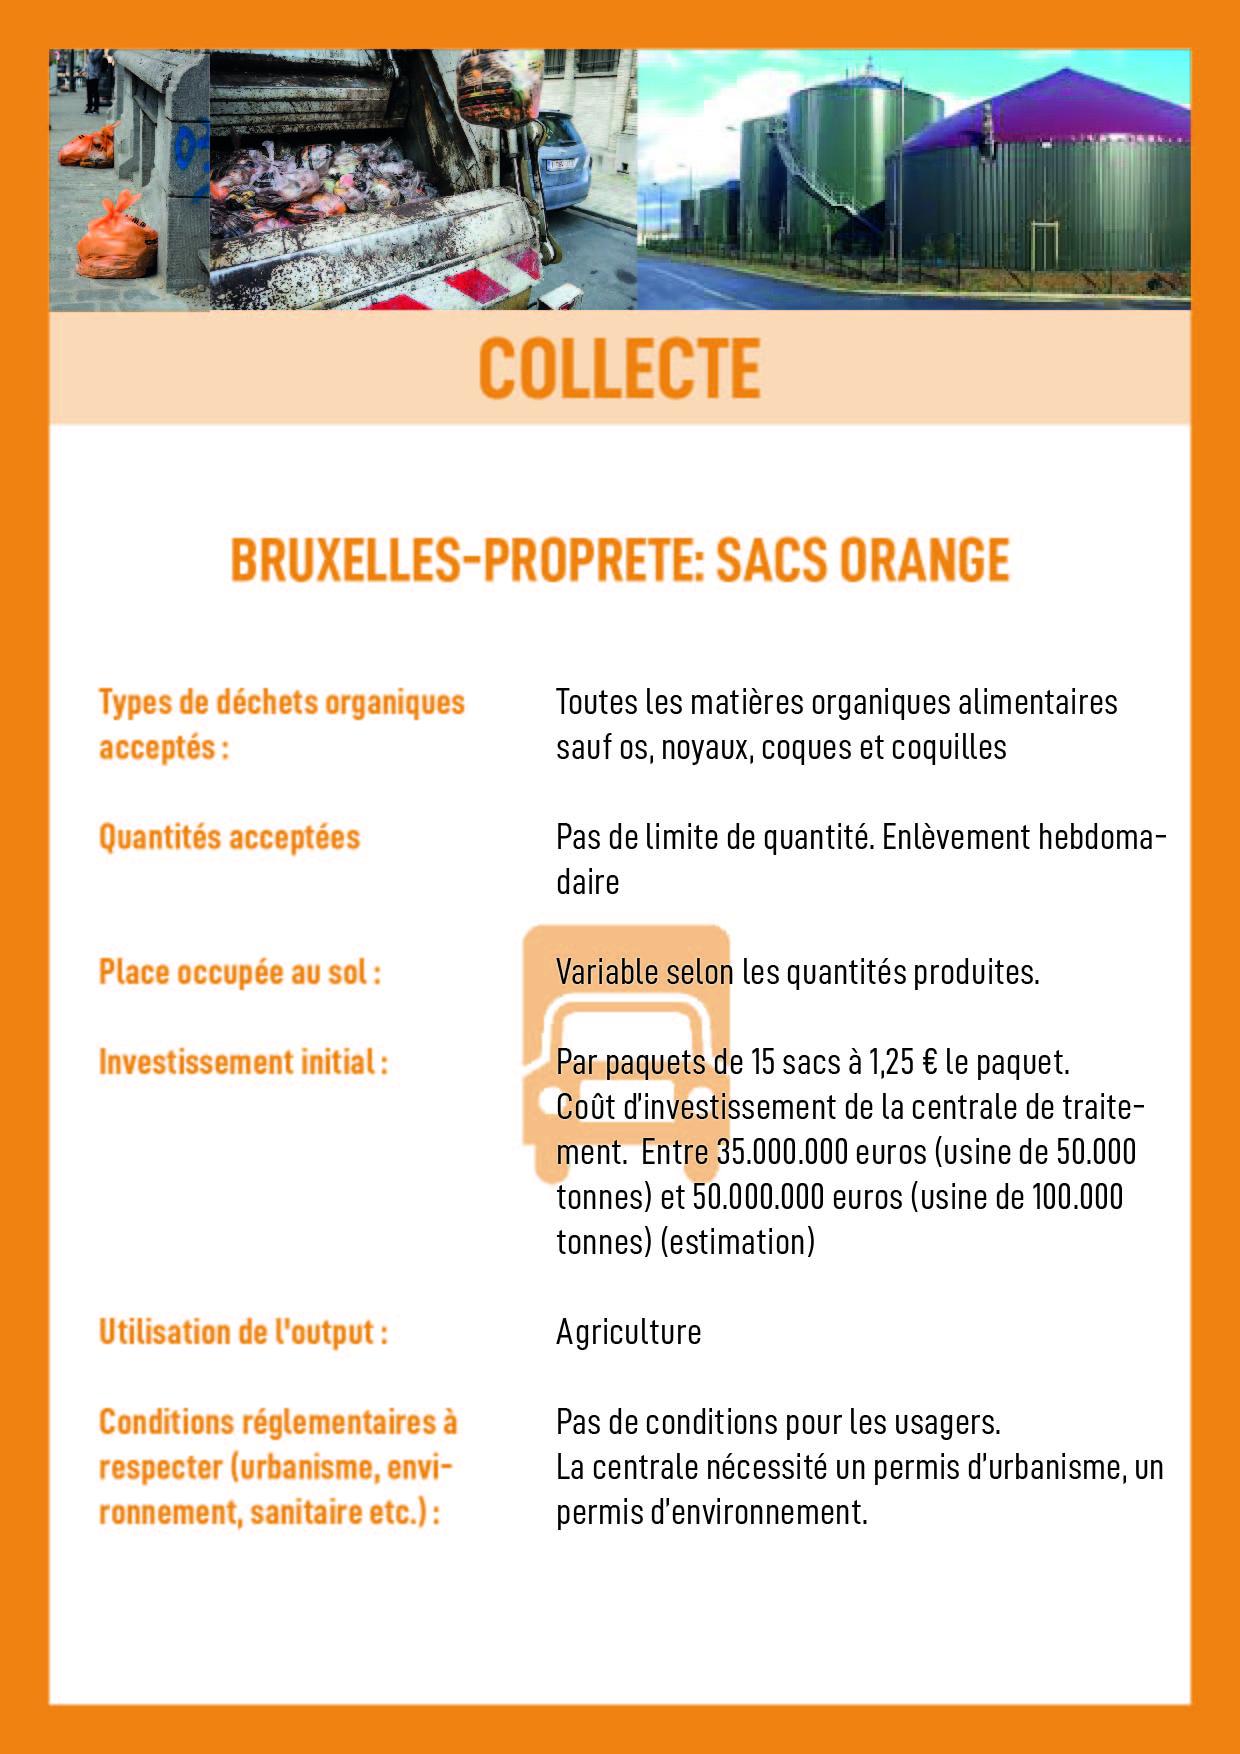 collecte ABP orange-01.jpg